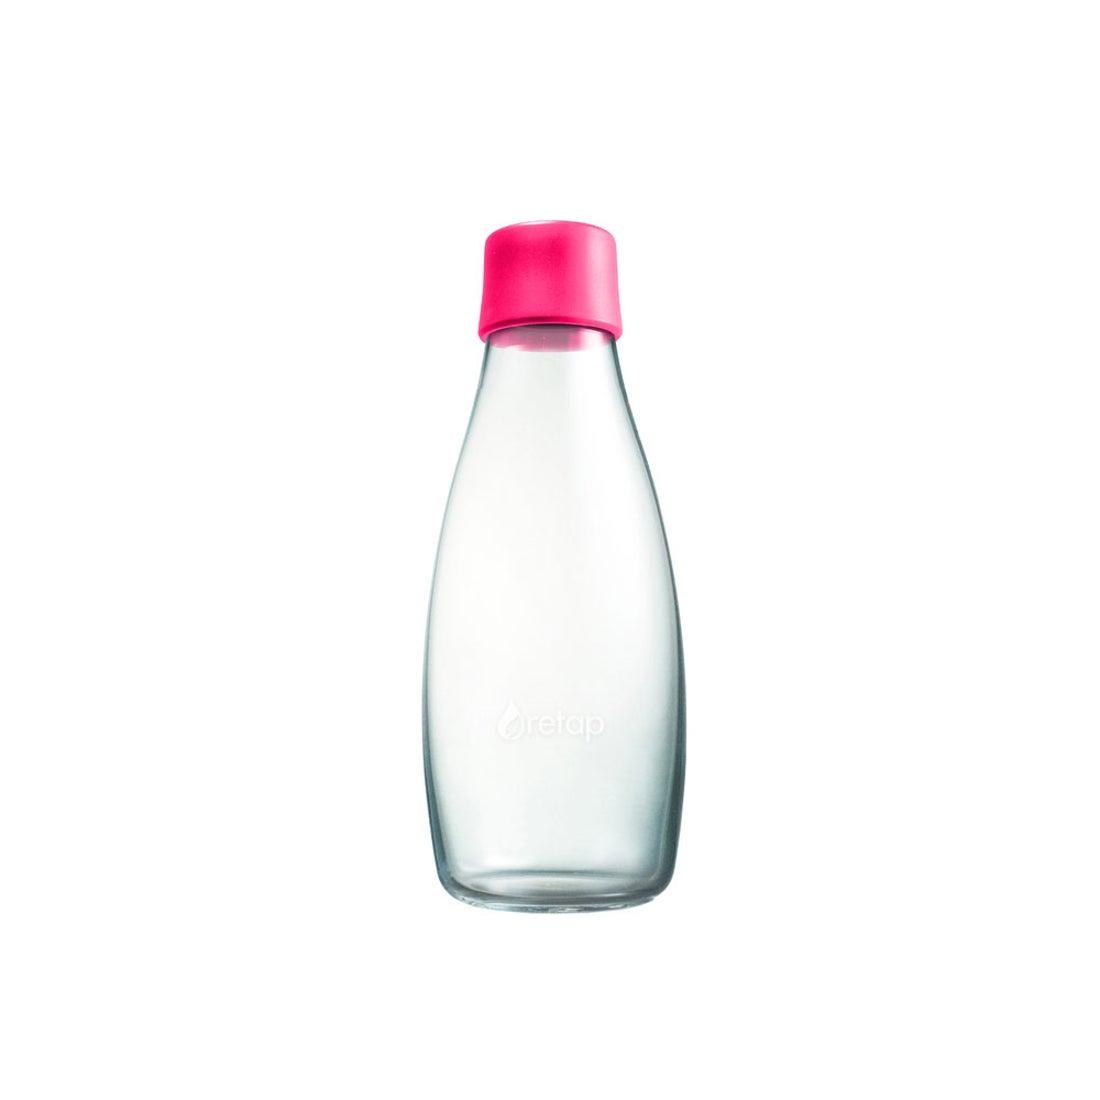 ノーブランド No Brand retapbottle05 リタップボトル 500ml (ピンク)